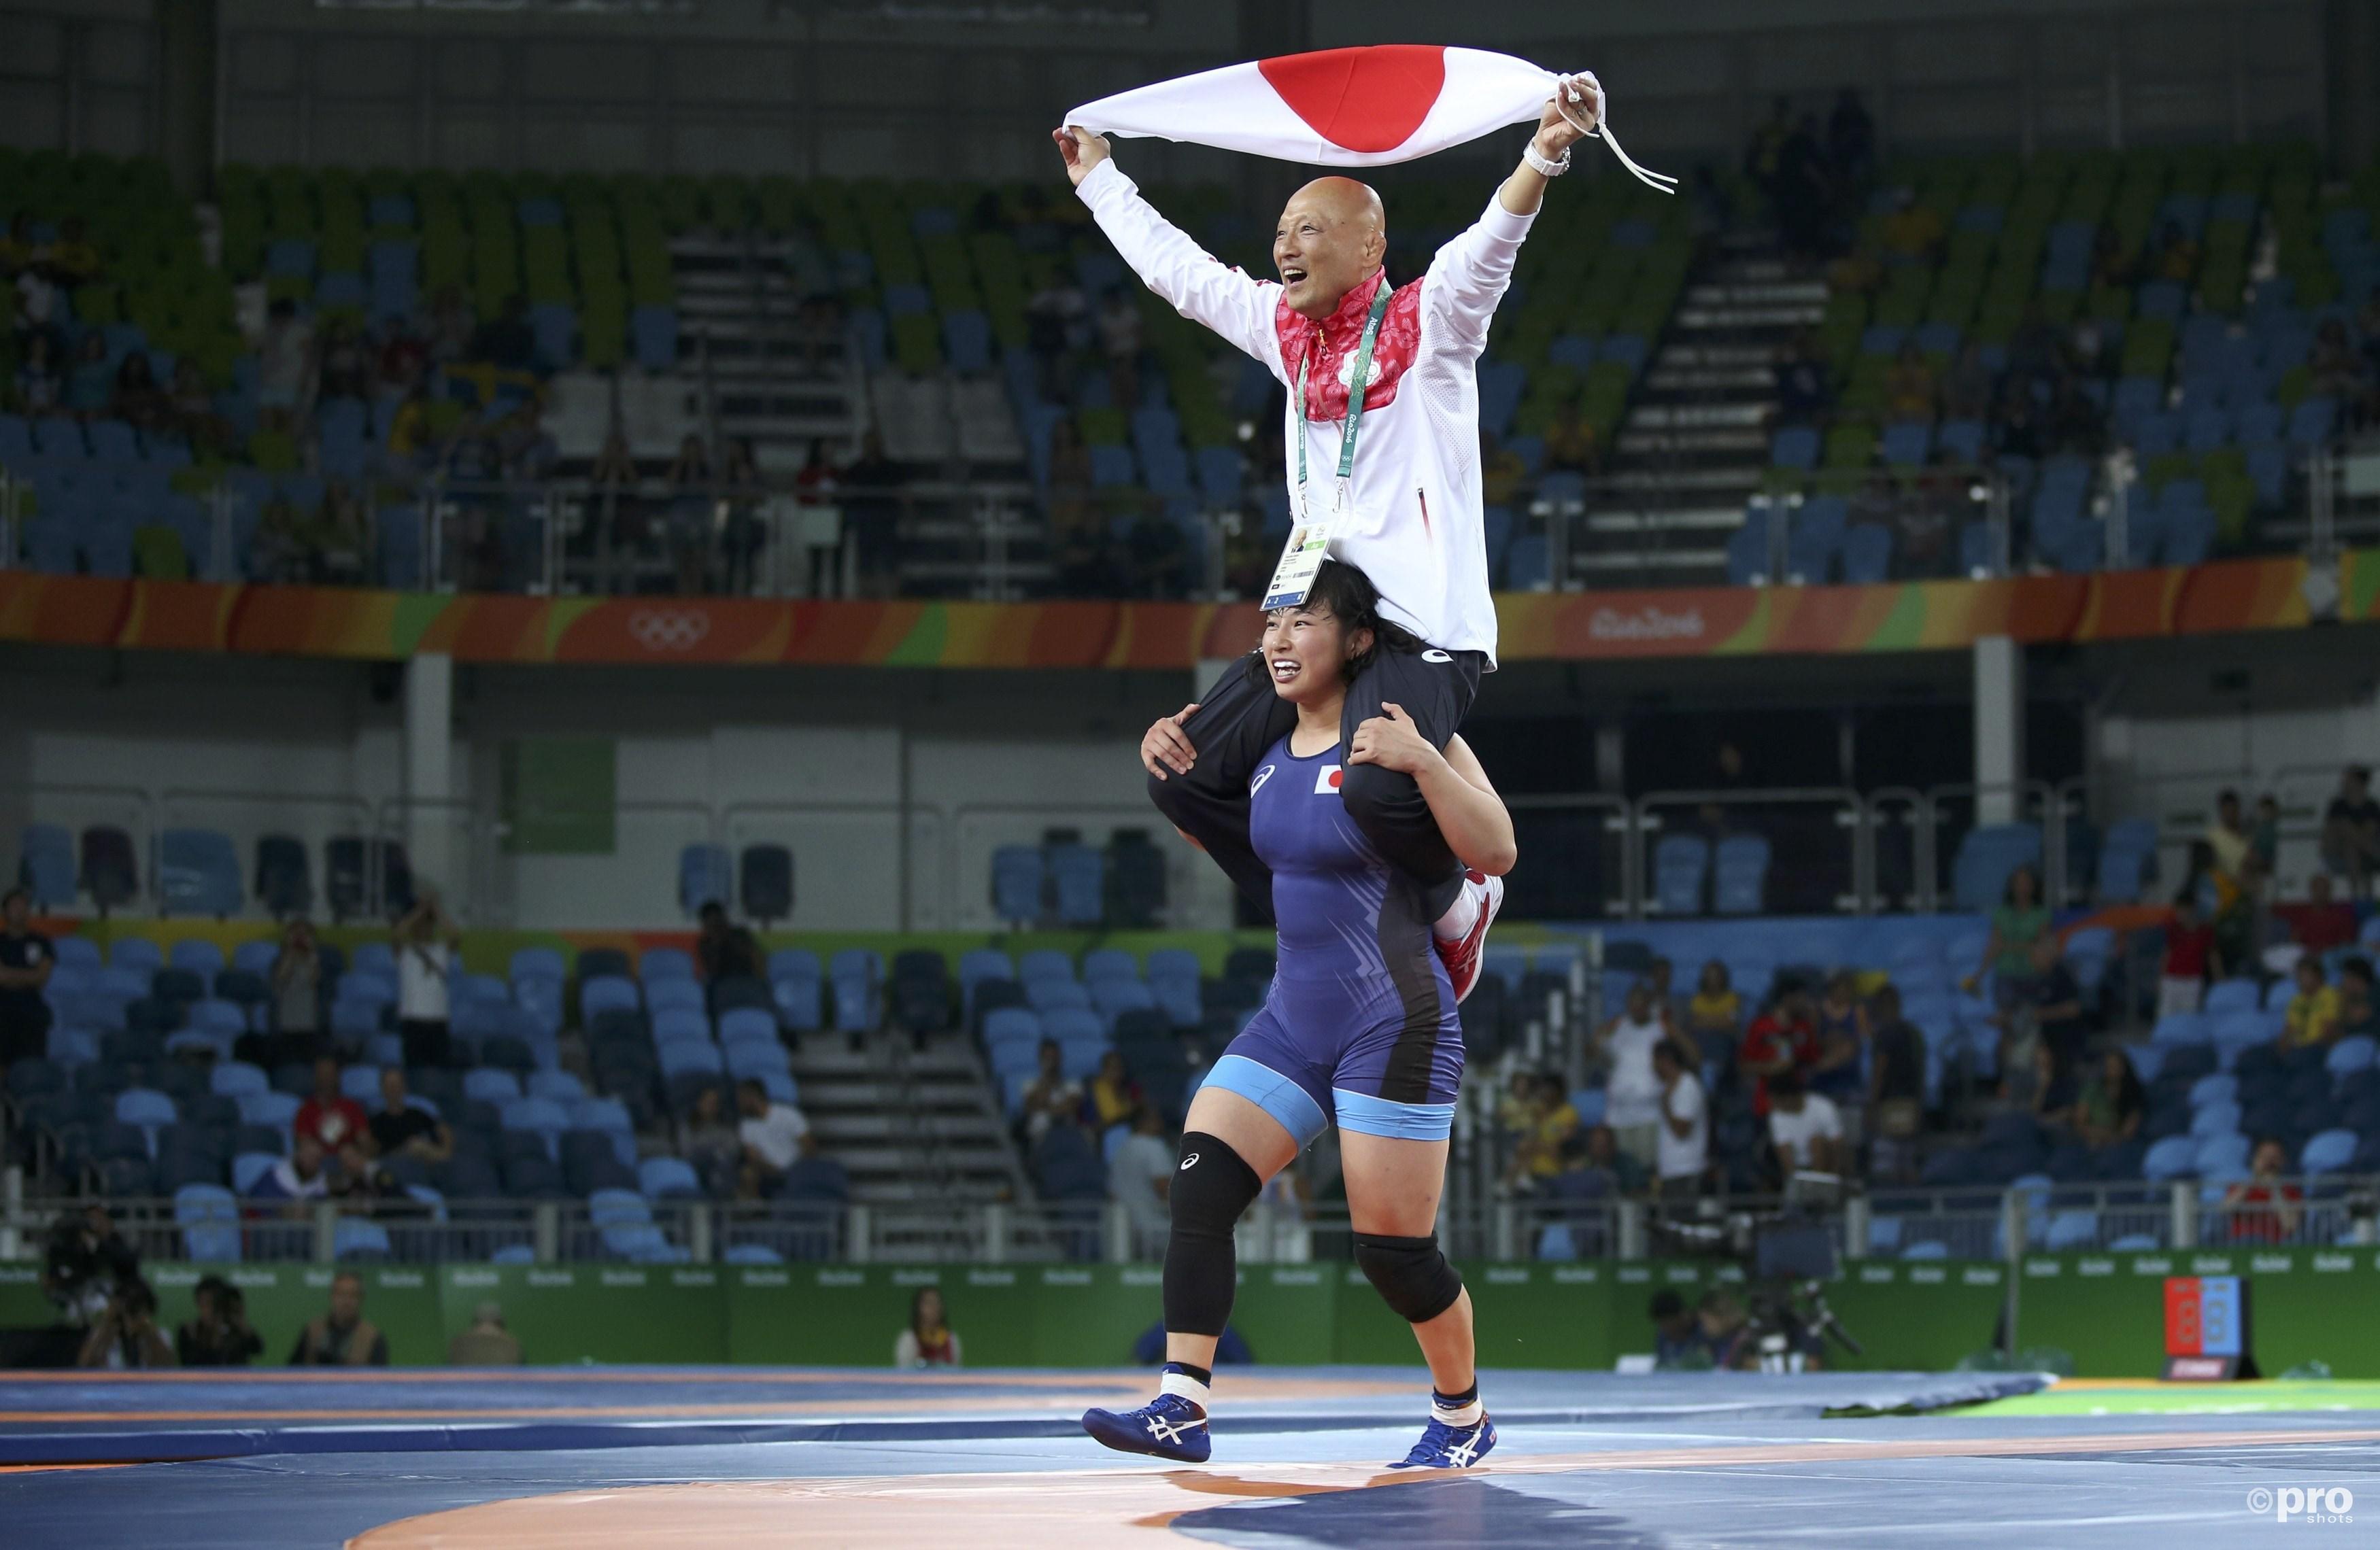 De Japanse coach kende een geweldige dag en viert op de schouders van Dosho het derde goud in een paar uur tijd (PROSHOTS/Action Images)